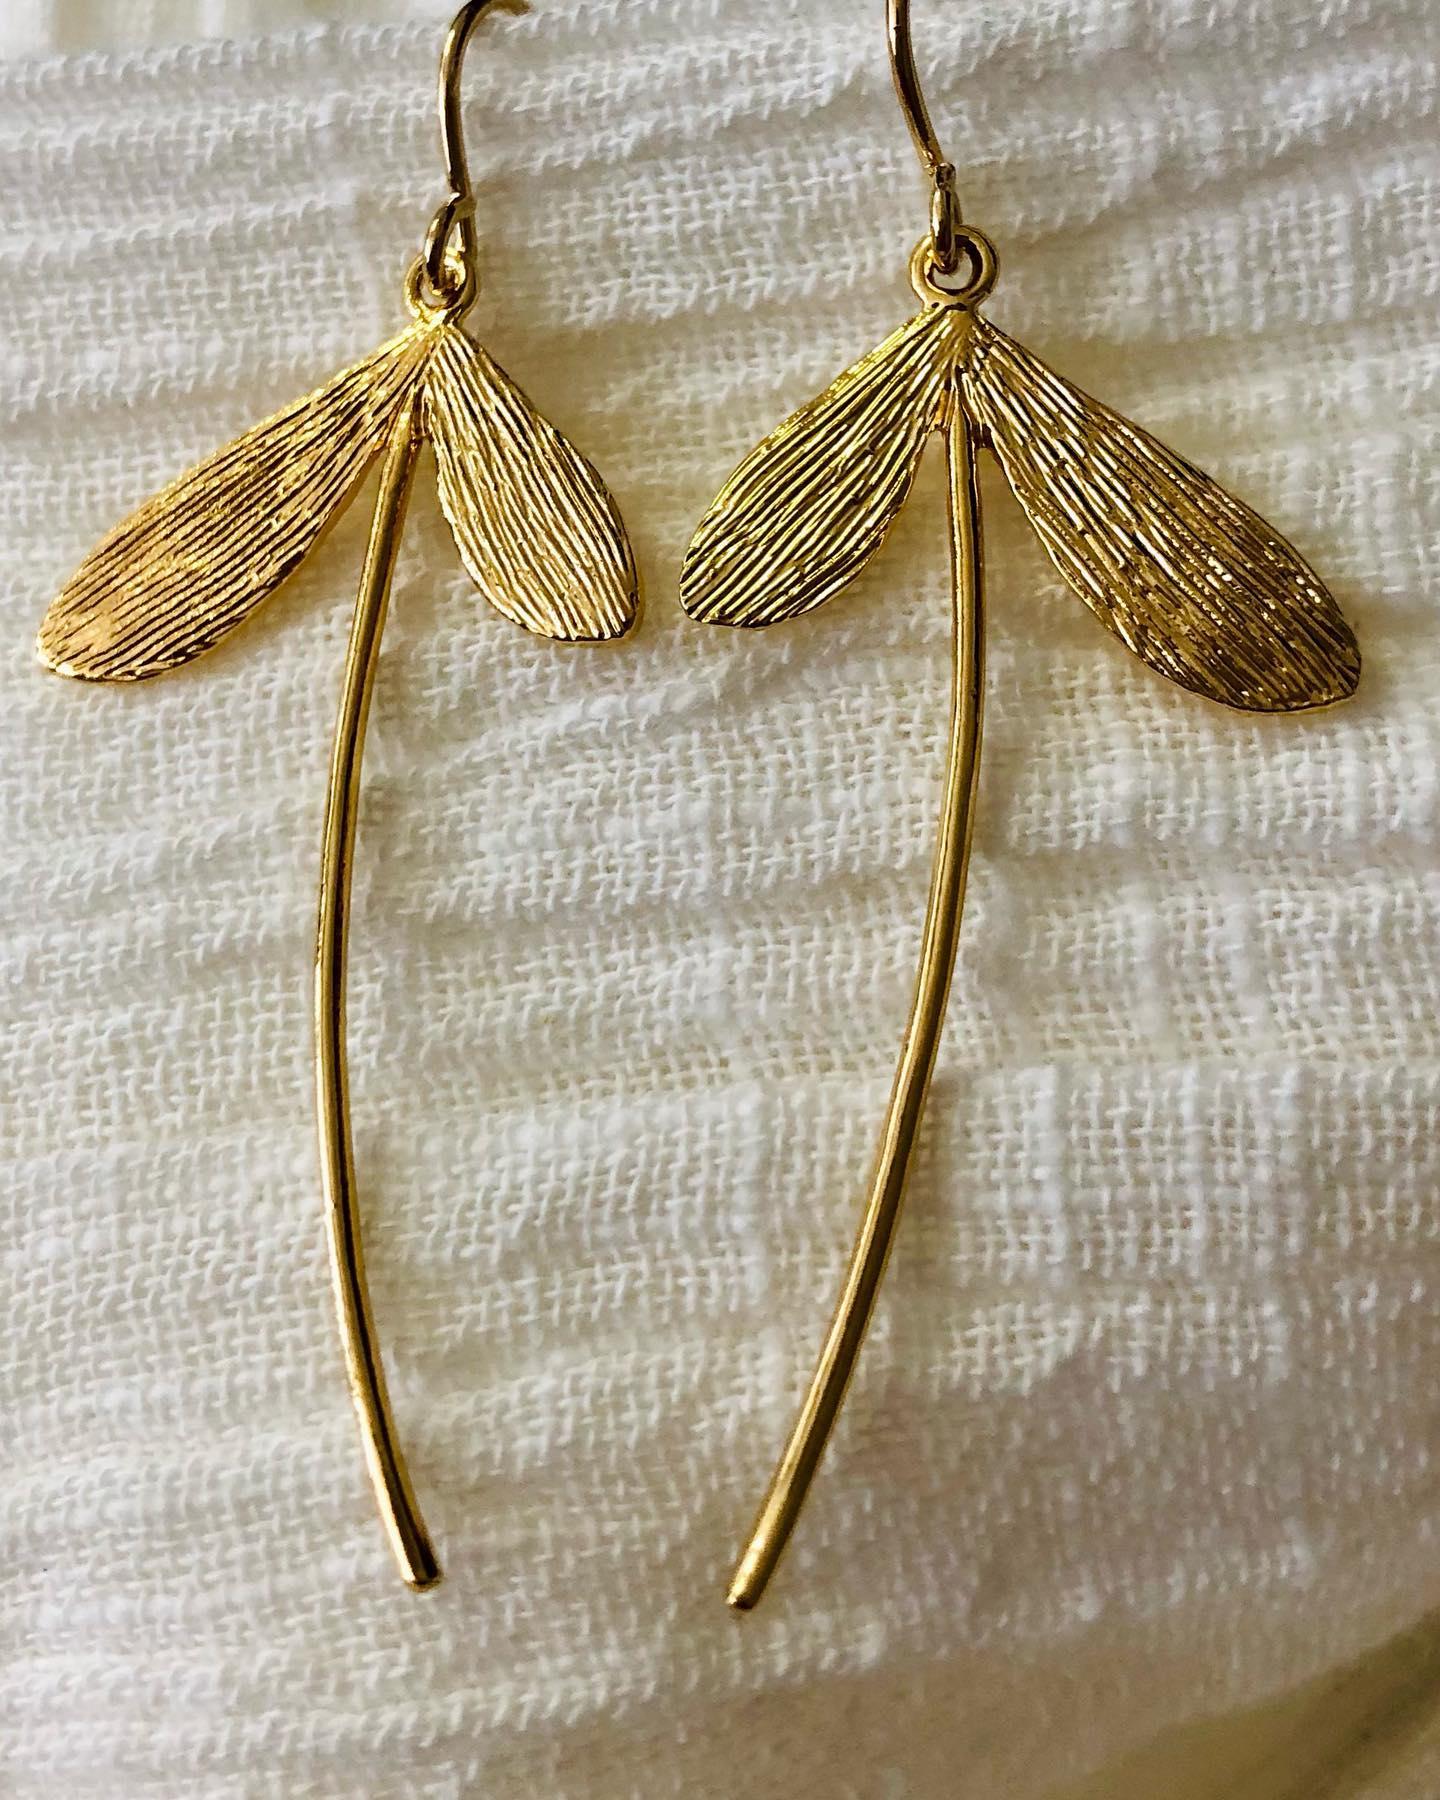 BO Libellules - retour en stock 🤗 et en ligne #libellule #plaqueor #bijoux #bouclesdoreilles #enligne www.lesheuresparis.frhttps://www.instagram.com/p/CNDM251Fc46/